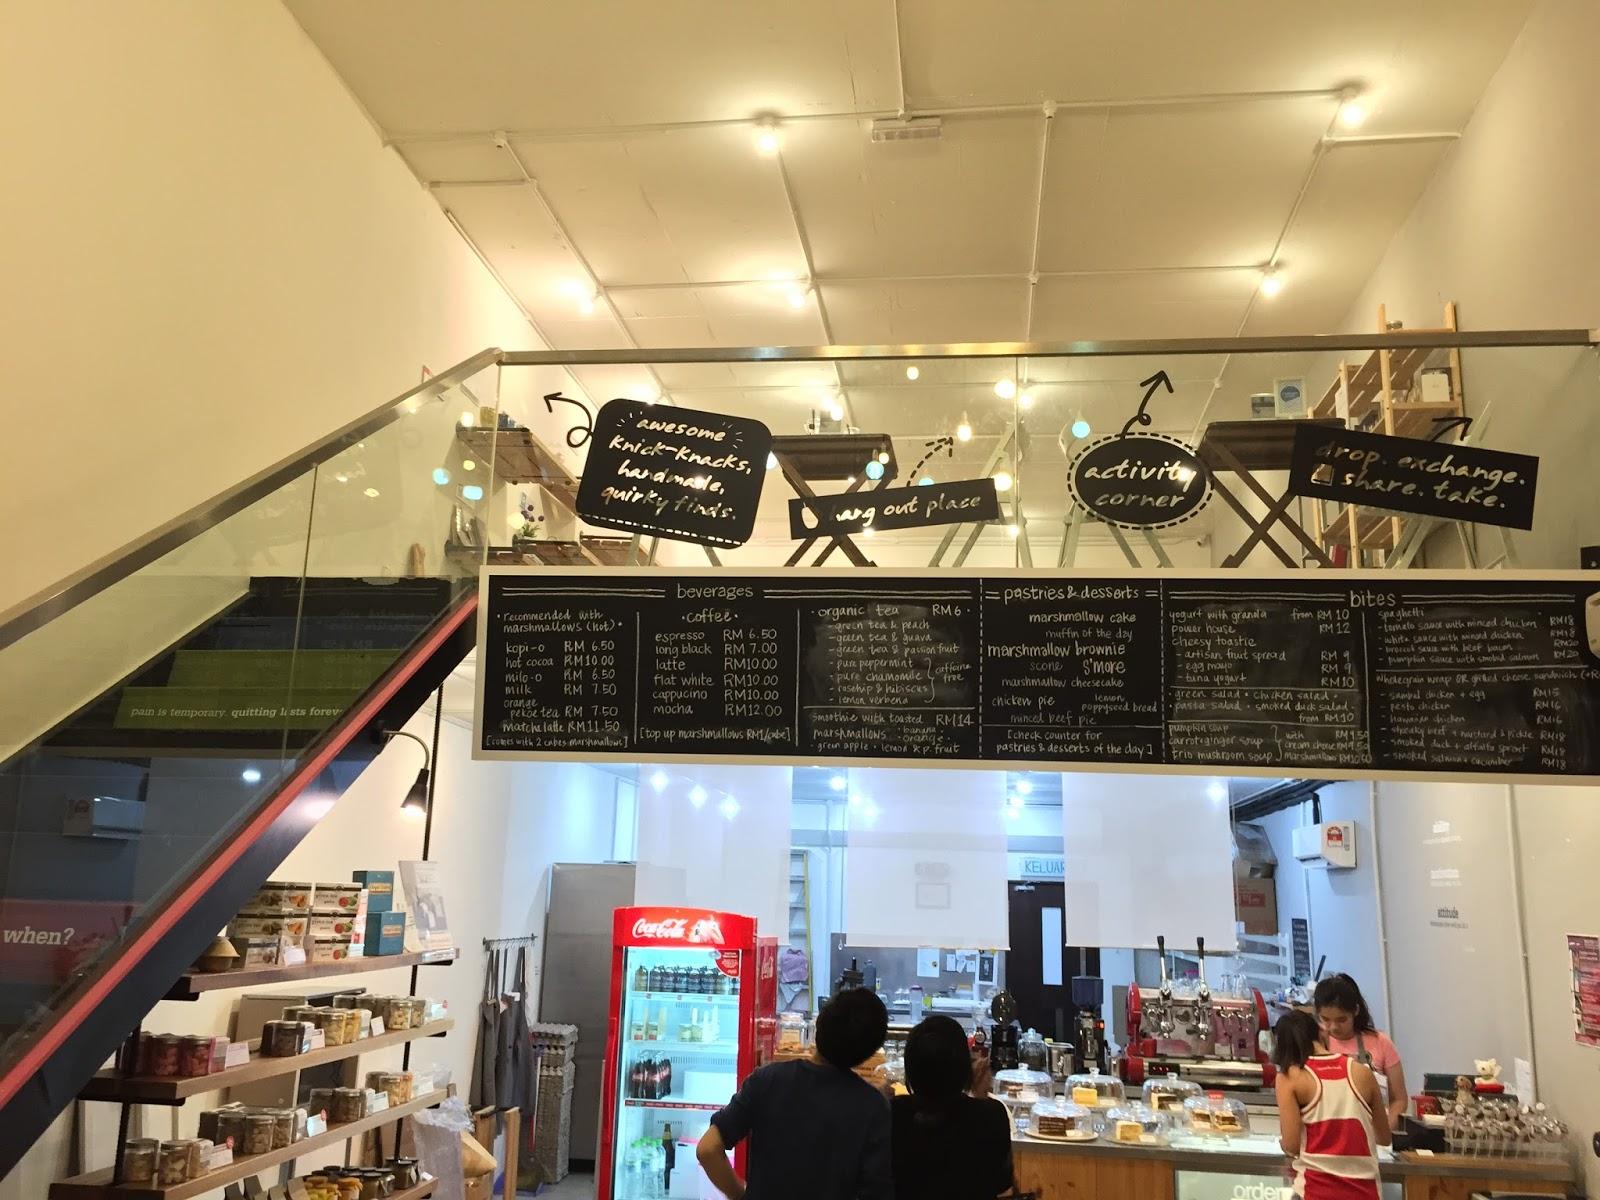 Penang Cafes - Huey & Wah Cafe Interior 2